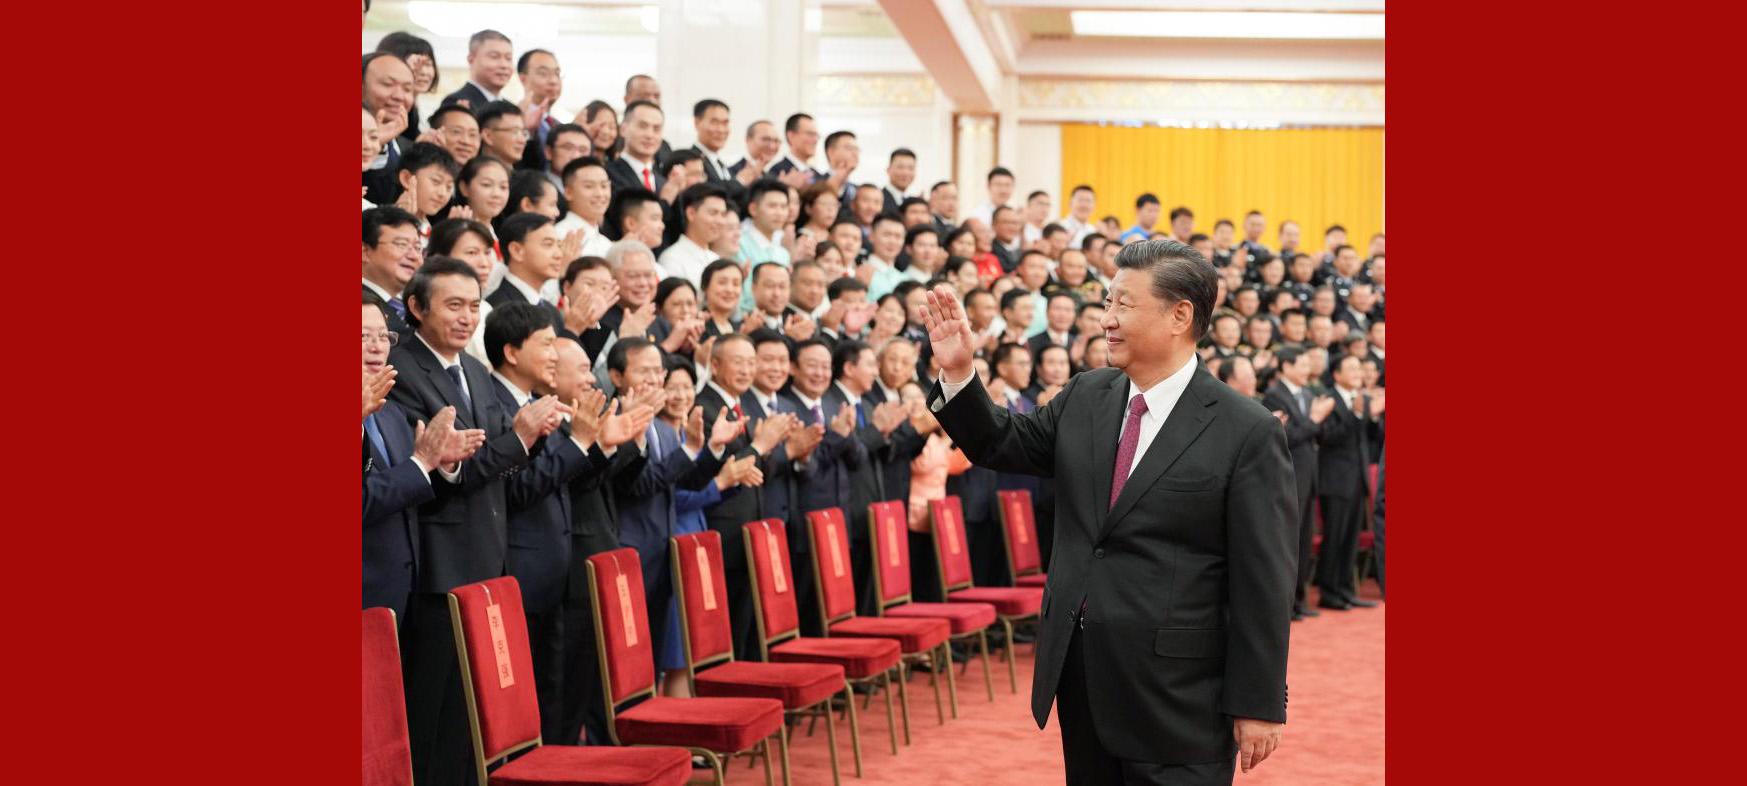 Xi saúda pessoas que participaram dos preparativos para celebração do centenário do PCC